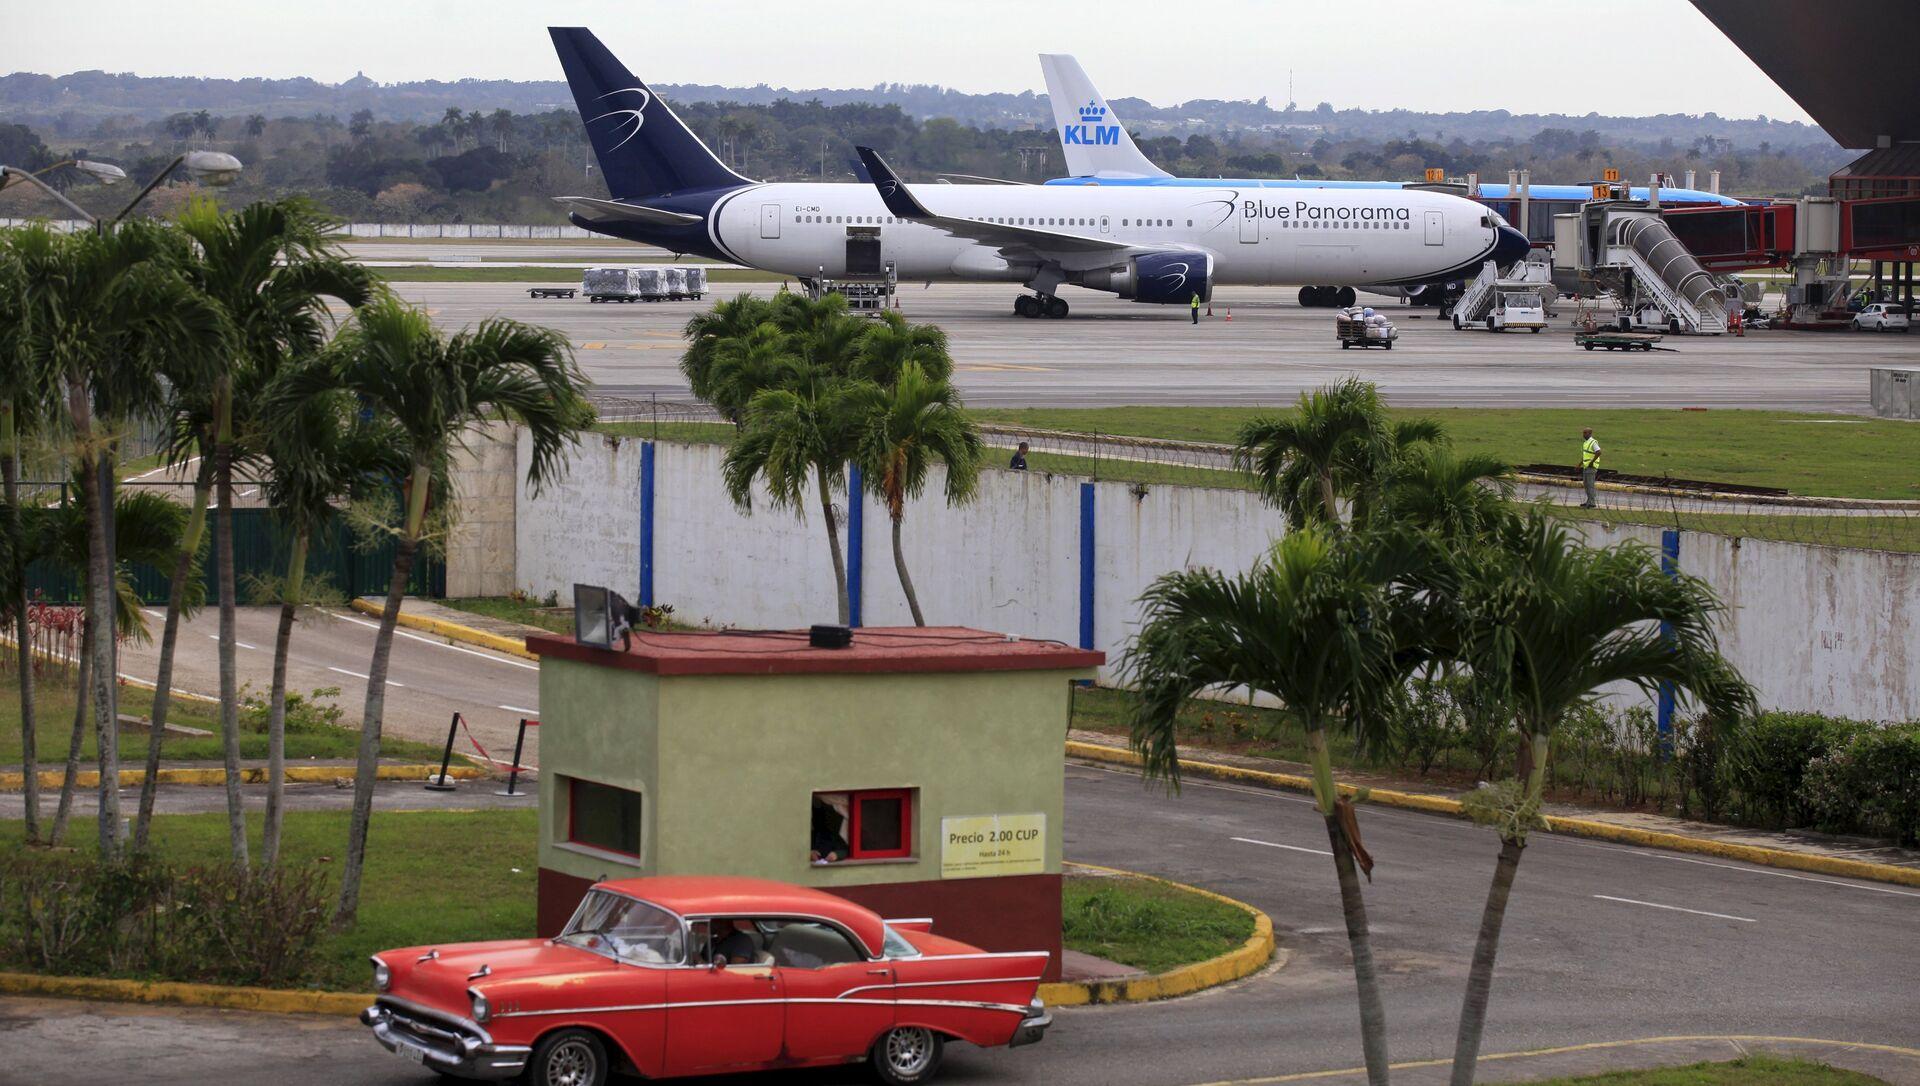 Aviones en el aeropuerto de la Habana - Sputnik Mundo, 1920, 30.01.2021